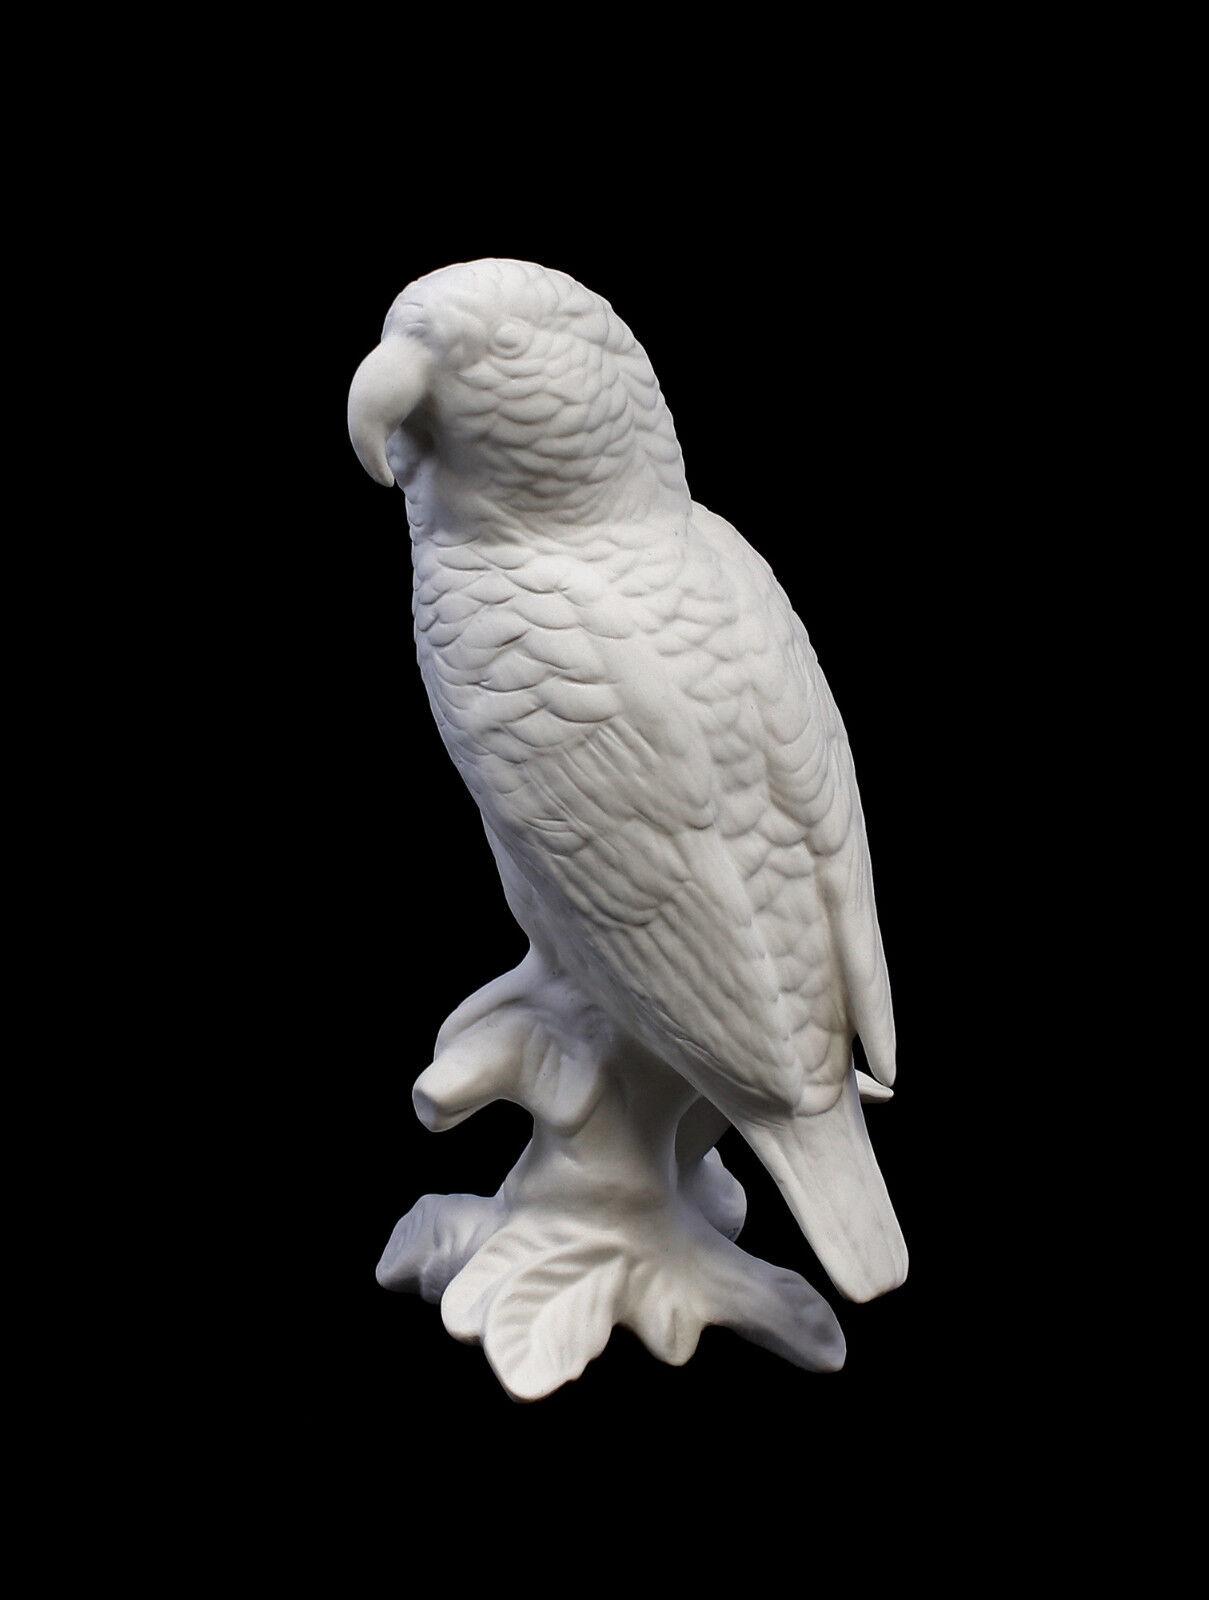 9959231 Porzellan Figur Papagei weiß bisquit Vogel Ens H16cm